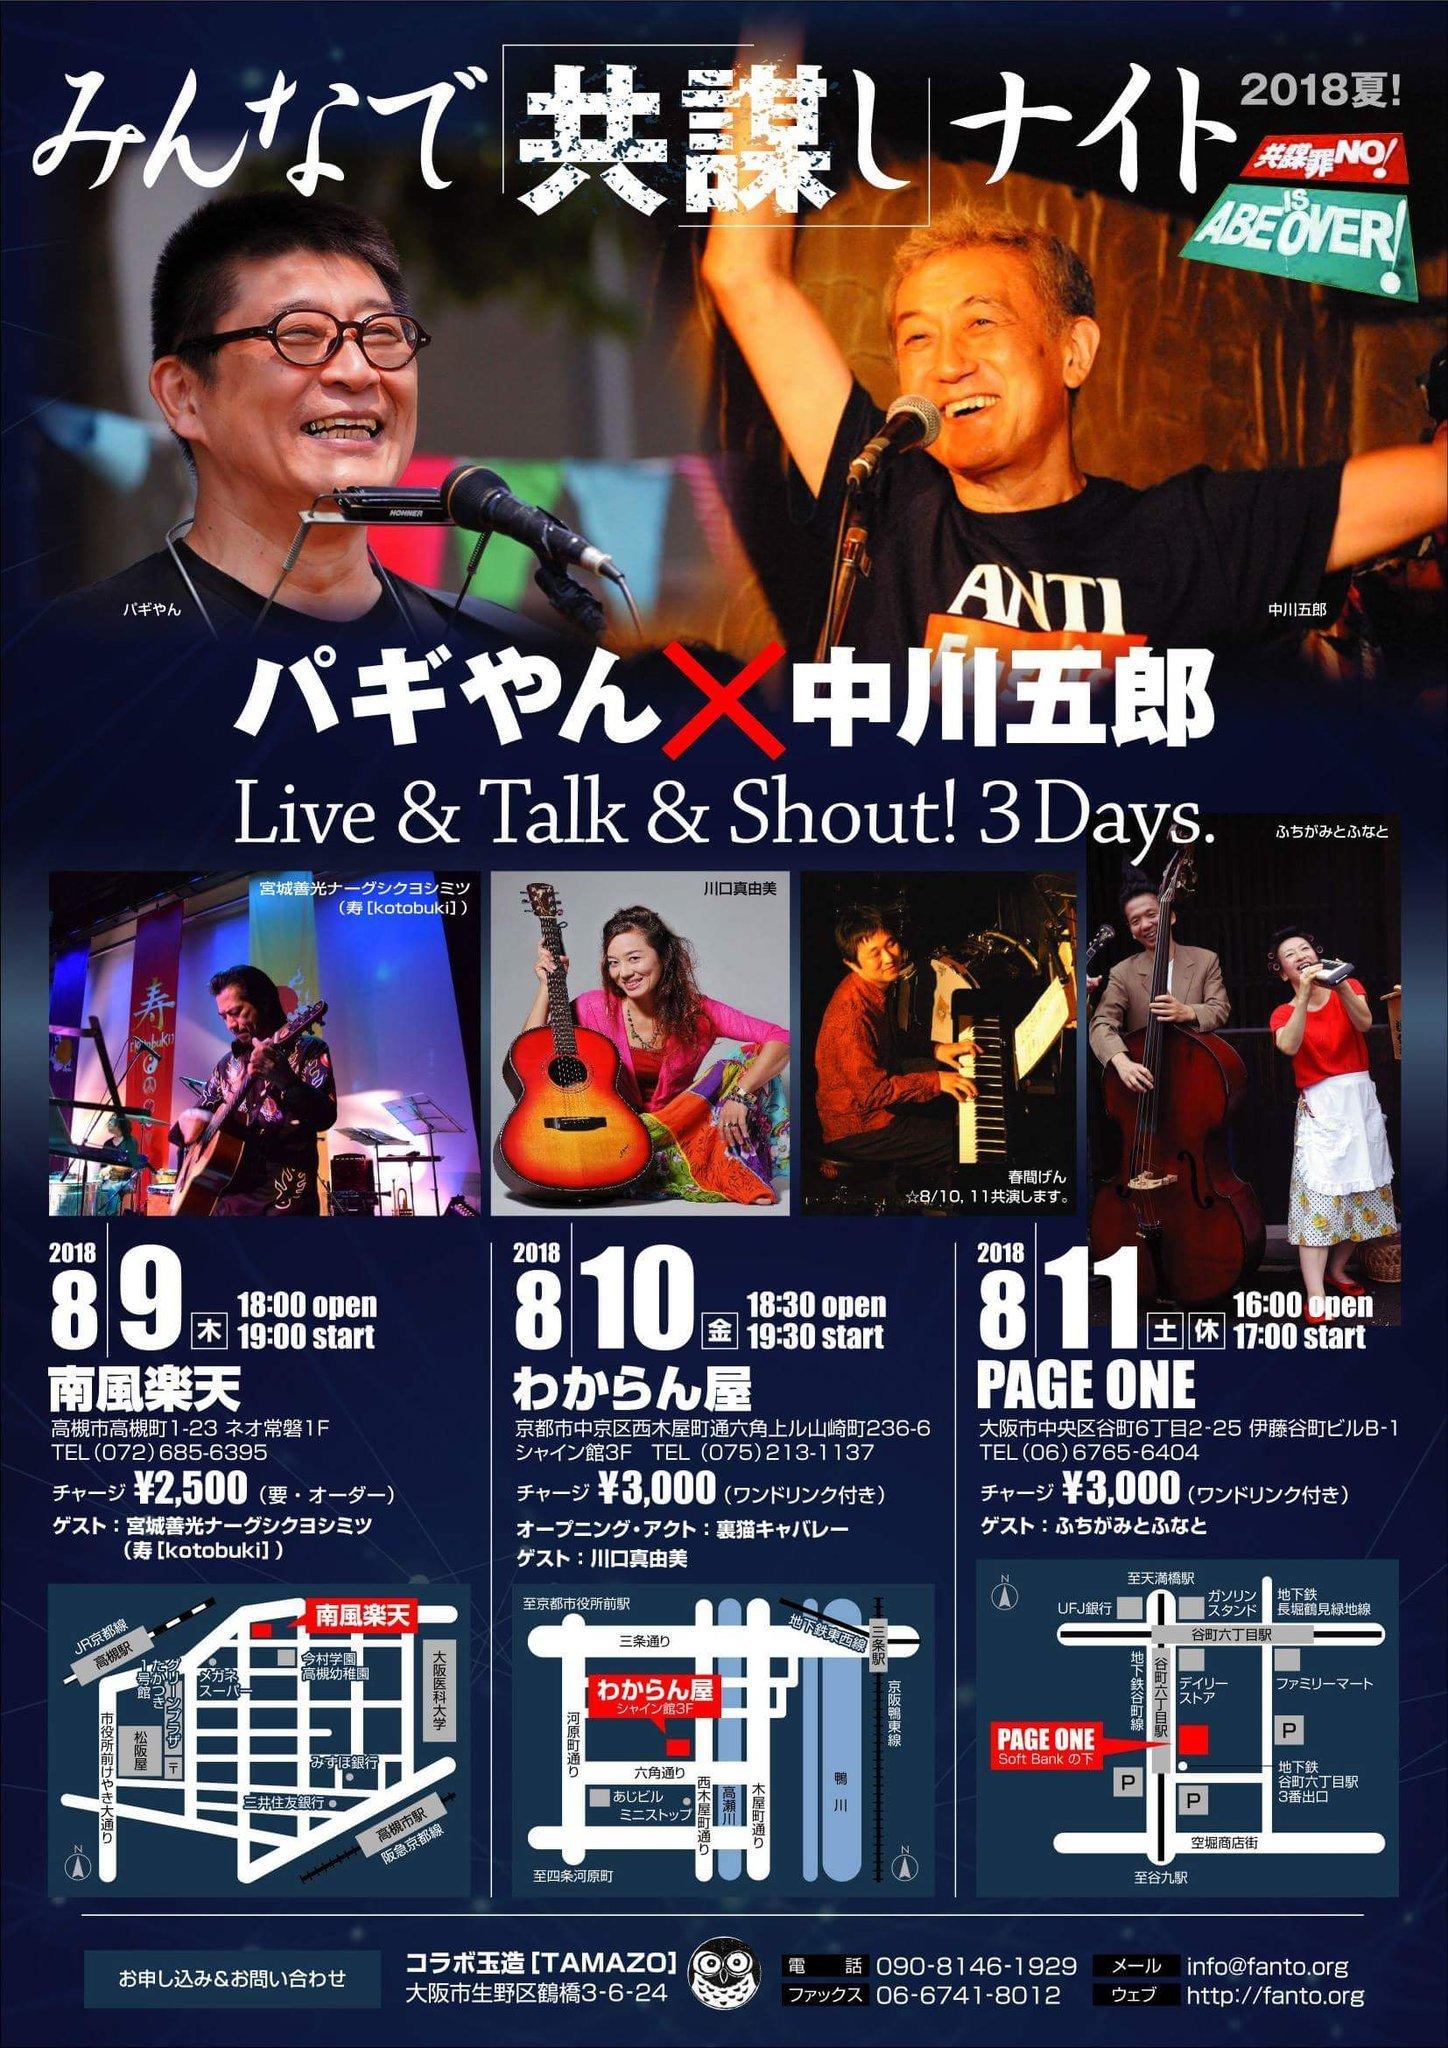 みんなで共謀しナイト パギやんX中川五郎 Live & Tolk